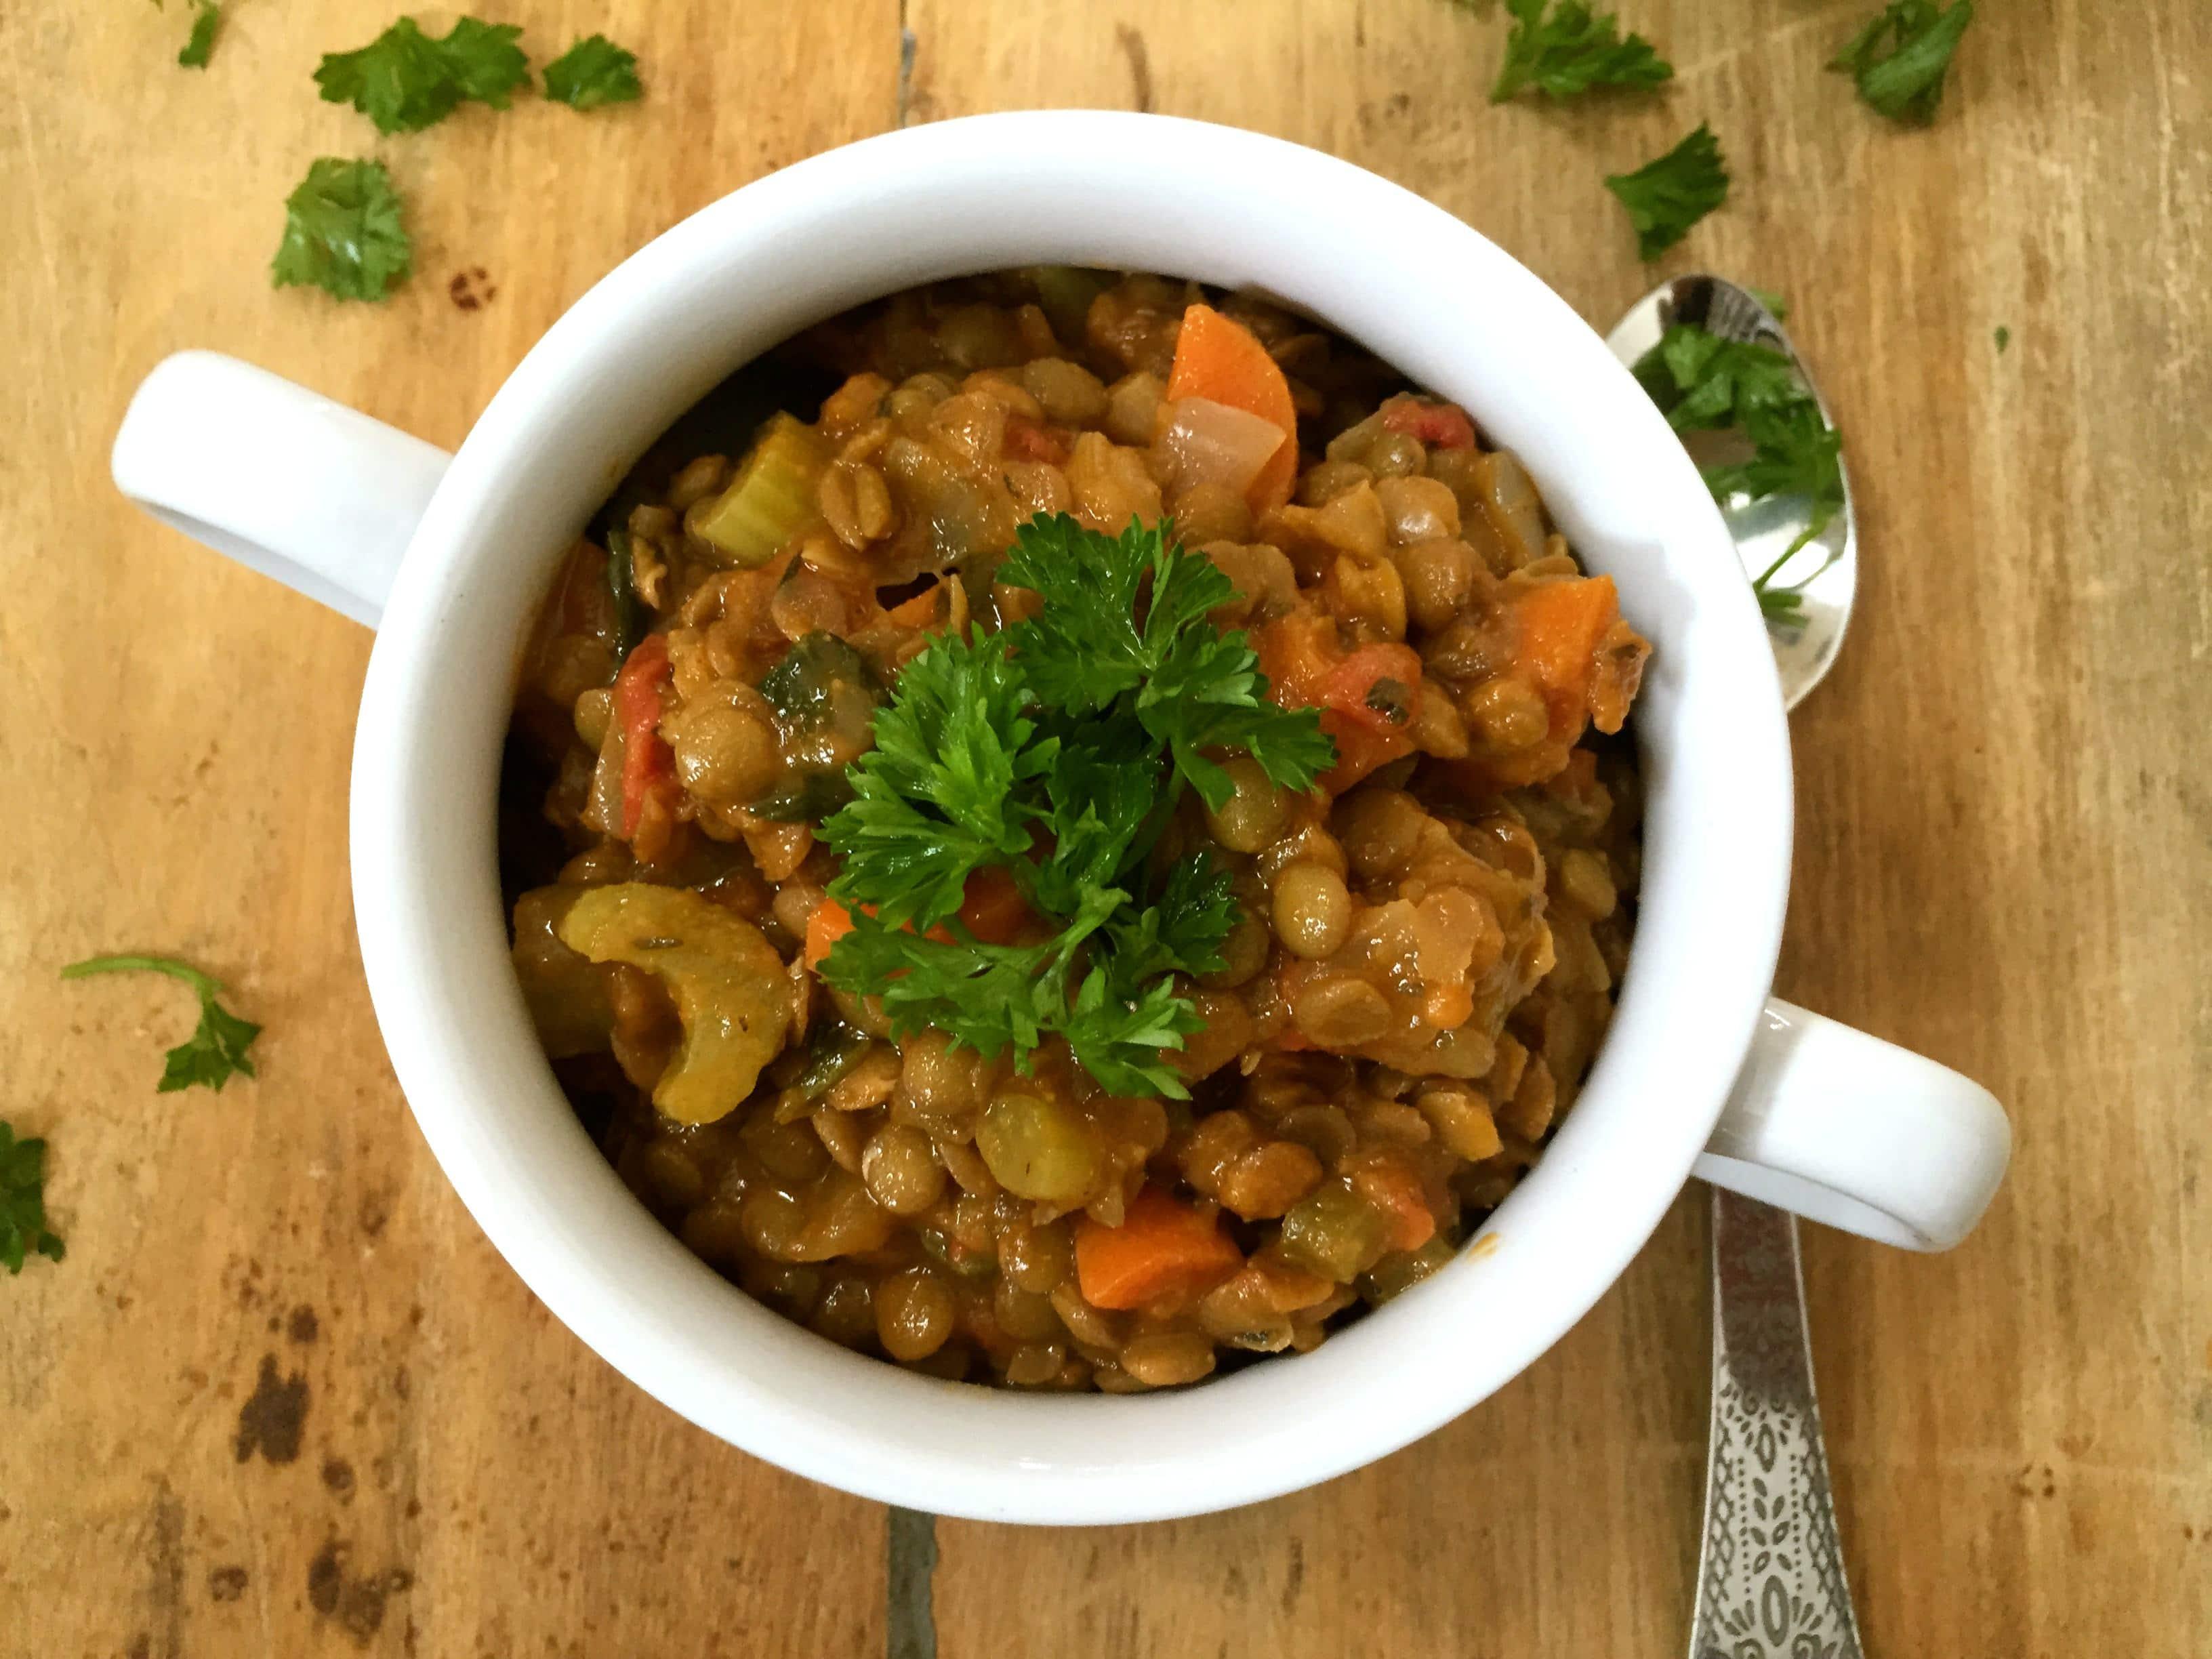 Lentil Spinach Soup - yum